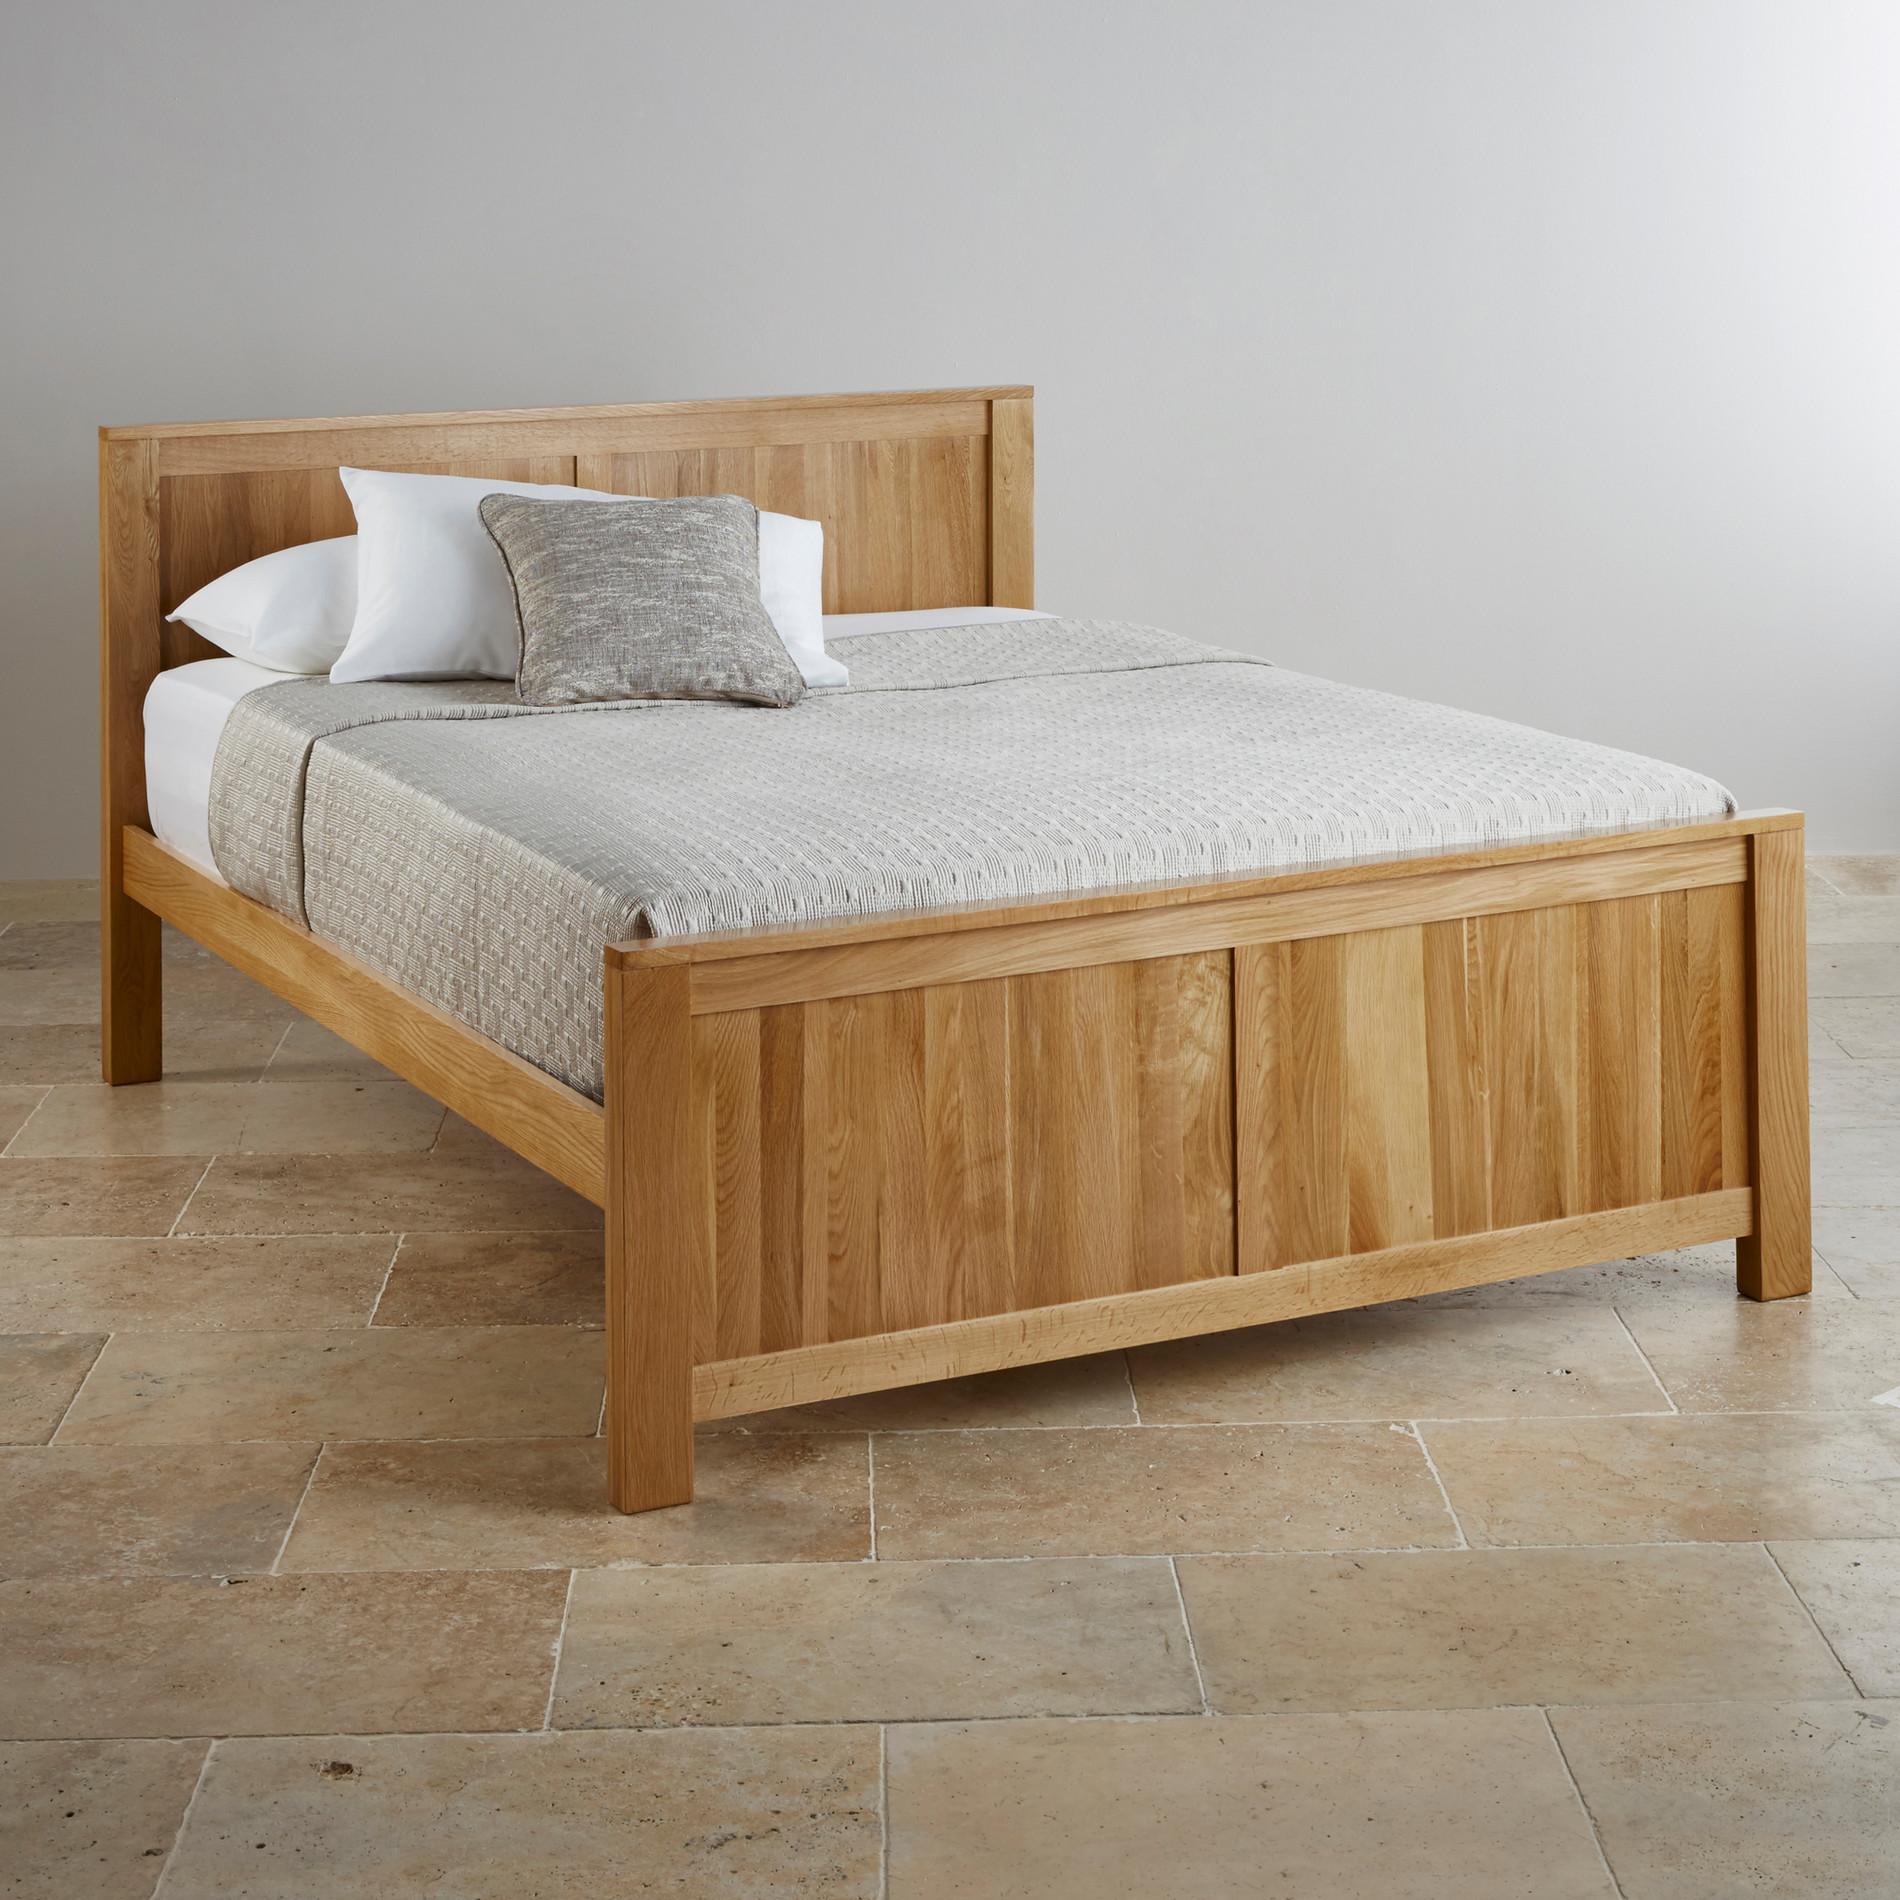 Quality Oak Bedroom Furniture The Oakdale Range Natural Solid Oak Furniture